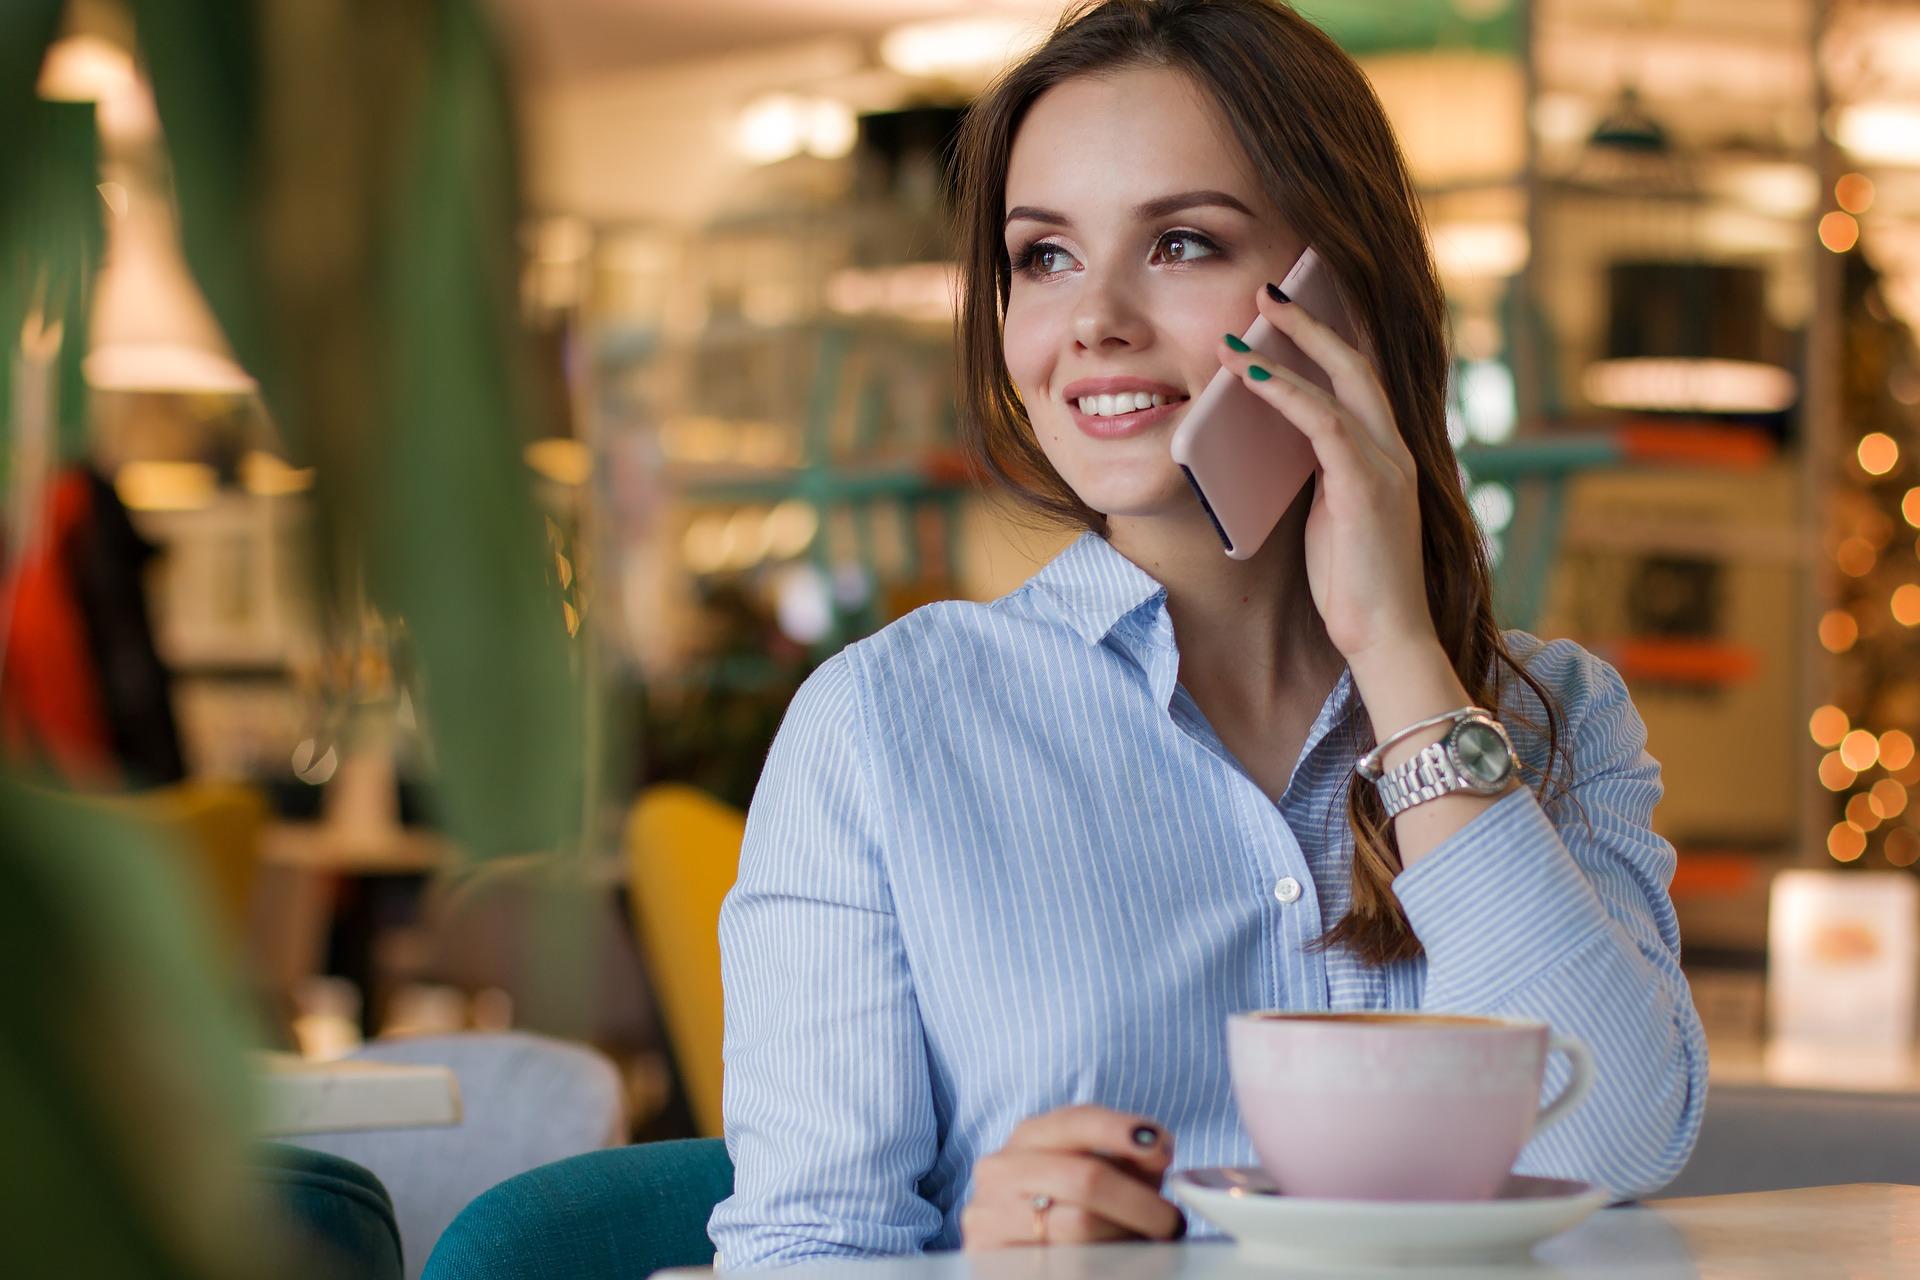 Trois_stratégies_pour_que_votre_entreprise_transforme_les_communications_avec_les_clients